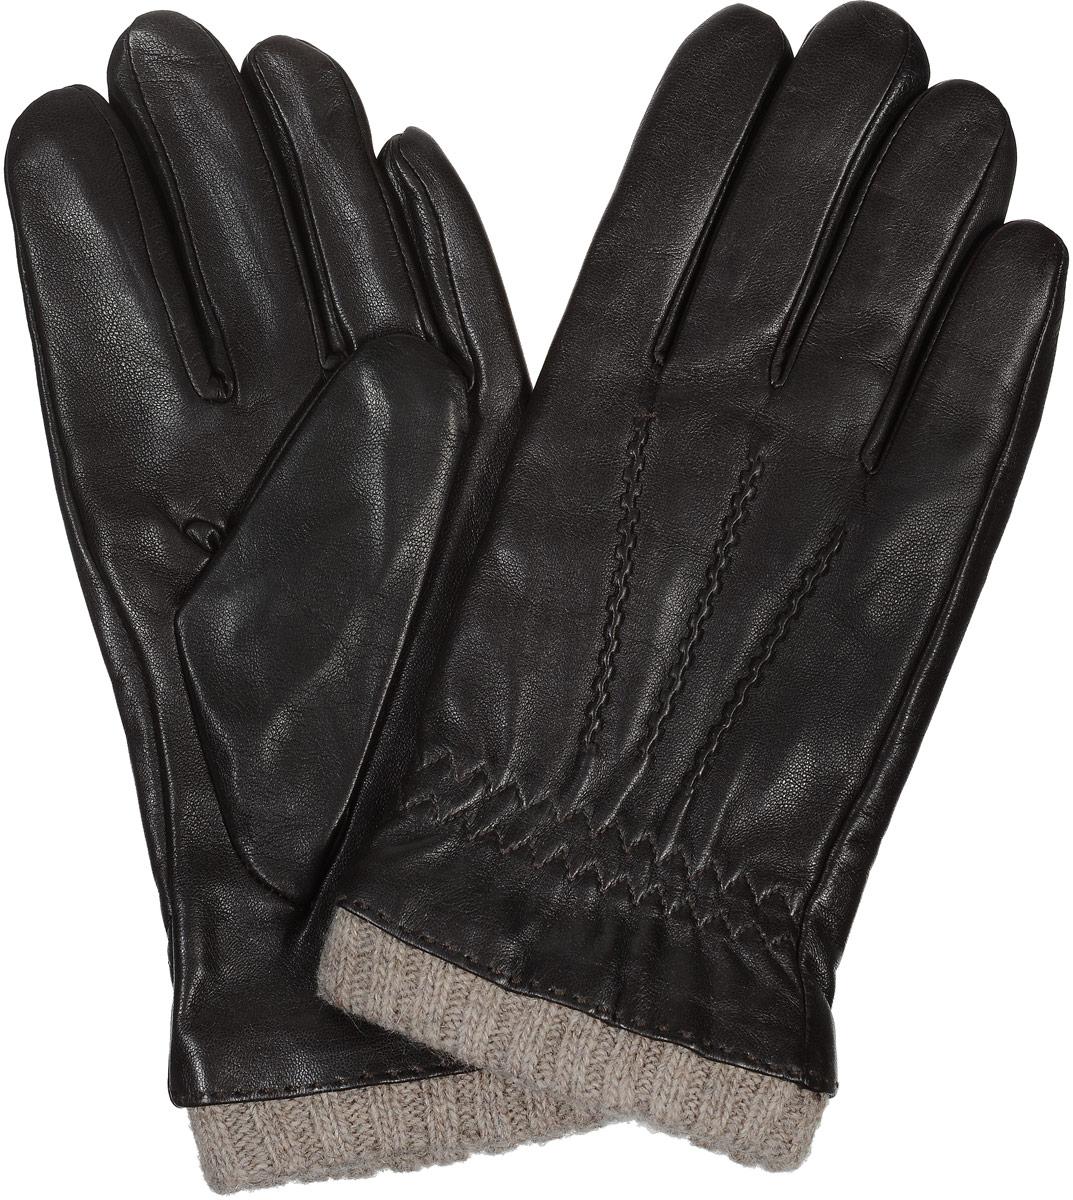 02204715387_11Стильные мужские перчатки Piero станут великолепным дополнением вашего образа и защитят ваши руки от холода и ветра во время прогулок. Перчатки выполнены из натуральной кожи, а подкладка изготовлена из теплой шерсти с добавлением кашемира. Модель выполнена в лаконичном однотонном стиле и оформлена оригинальной отстрочкой на лицевой стороне изделия. Манжет изделия дополнен вязанной резинкой. Такие перчатки будут оригинальным завершающим штрихом в создании современного модного образа.